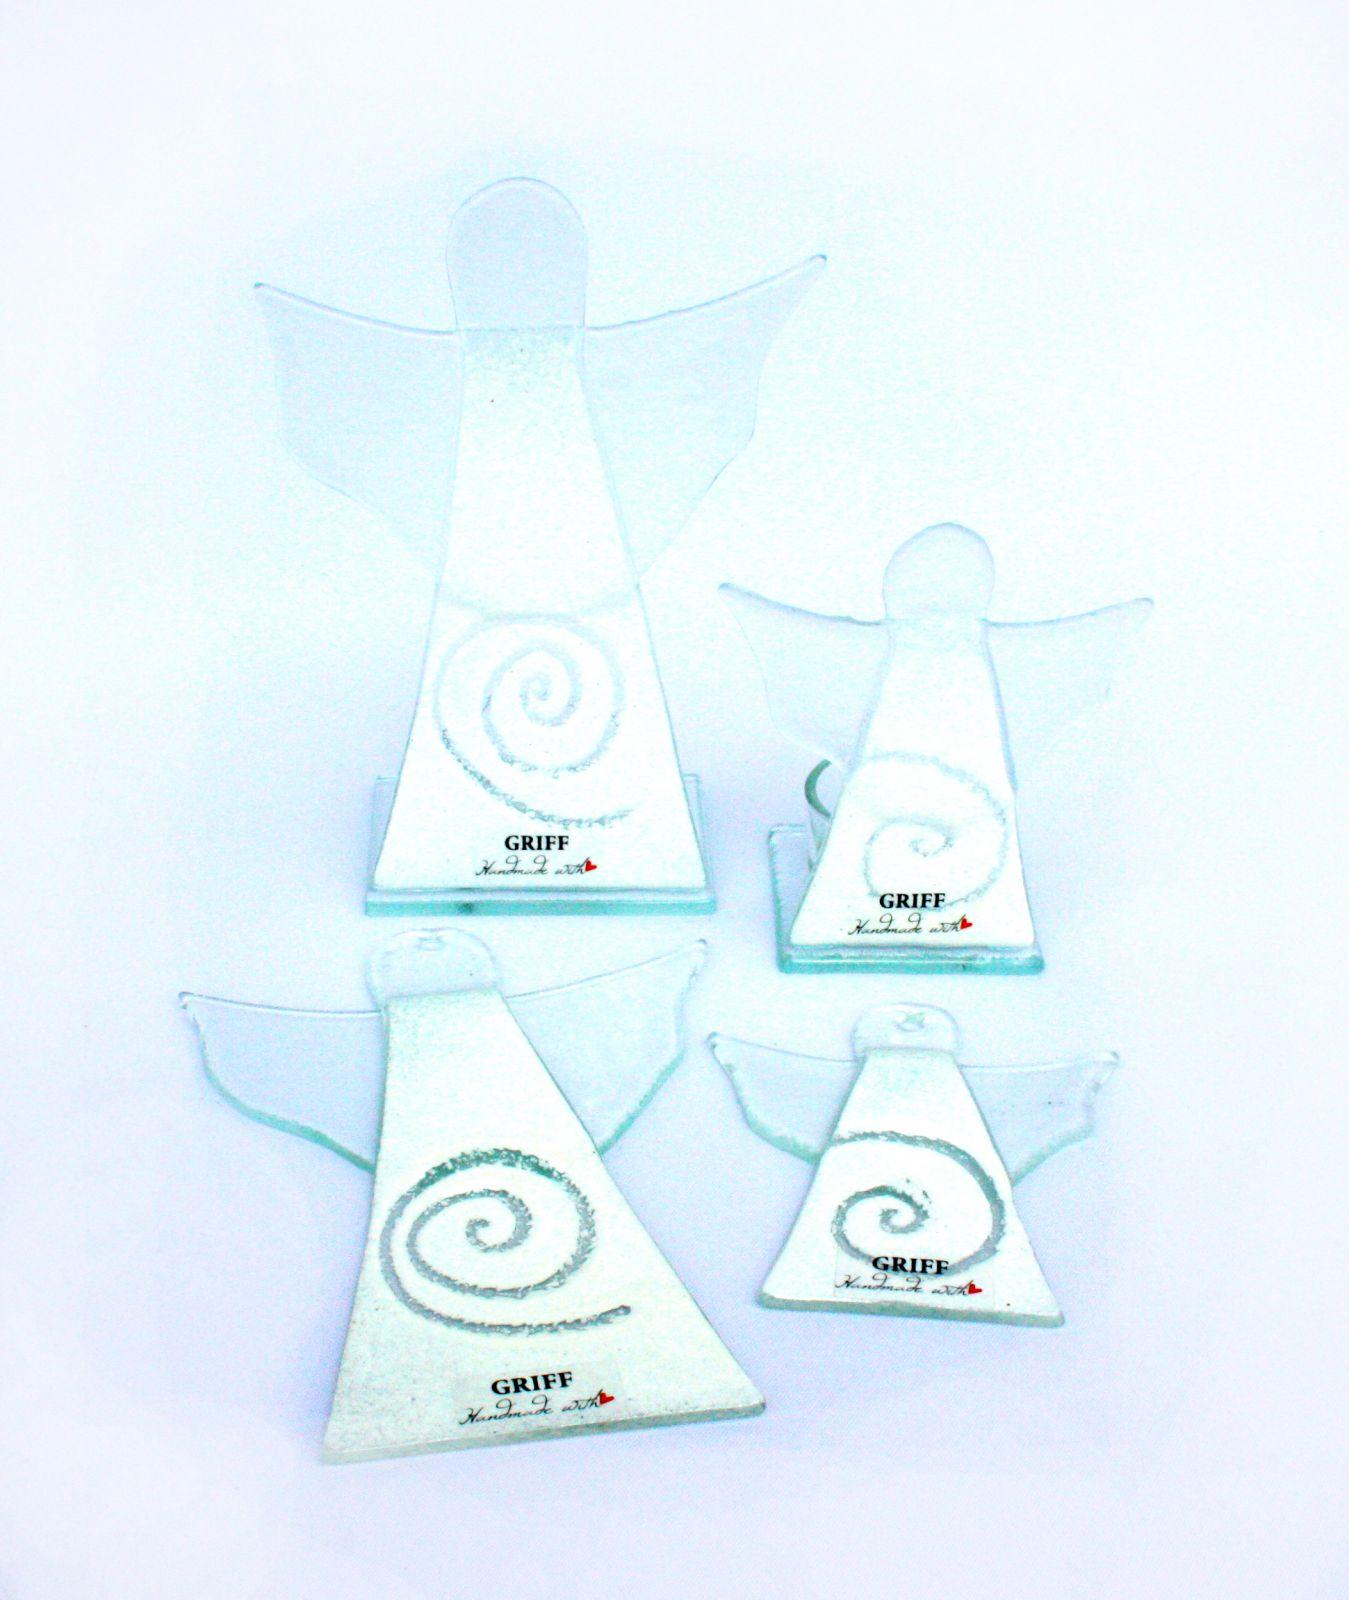 Dekorace do bytu Skleněný dekorační SVÍCEN anděl na čajovou svíčku GRIFFglass originální, skleněné dekorace do bytu